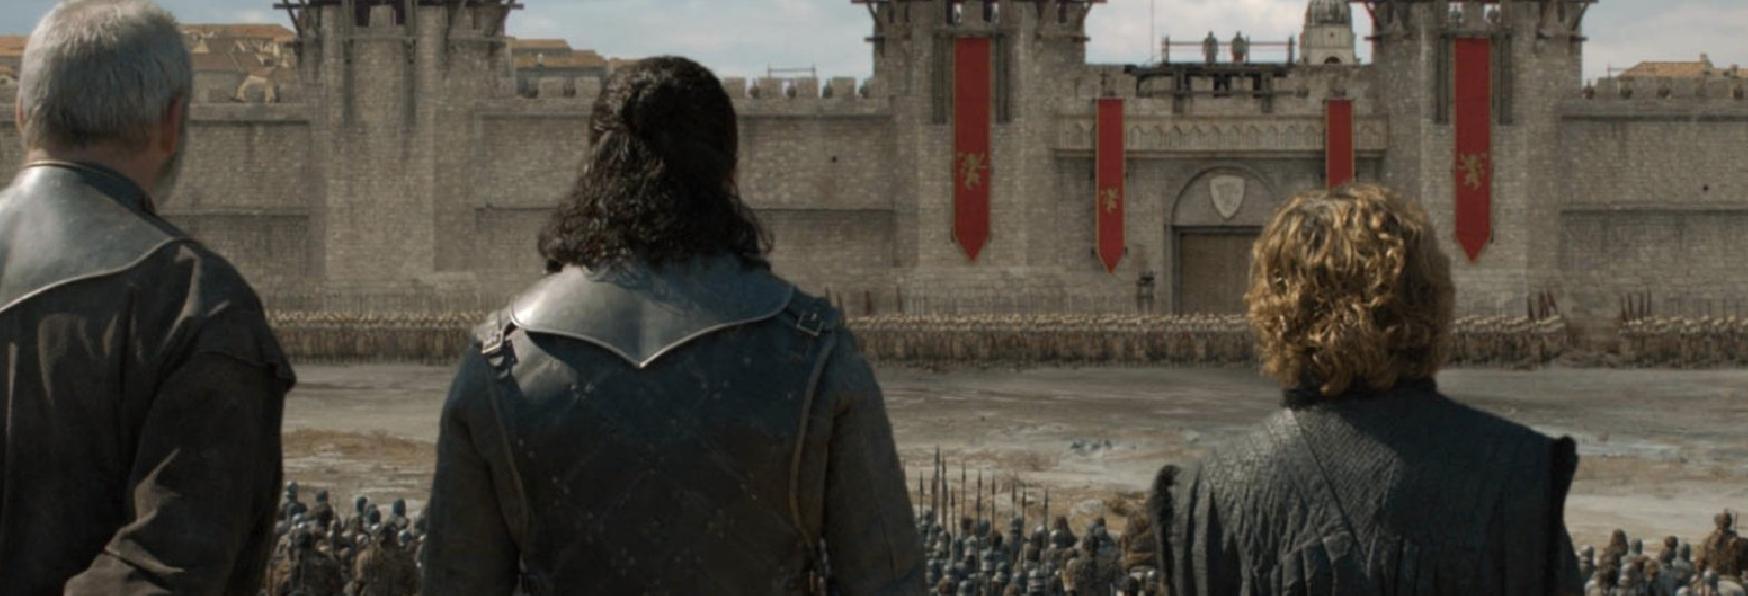 Game of Thrones 8x05: le Anticipazioni, le Teorie e le Grandi Domande sul Penultimo Episodio